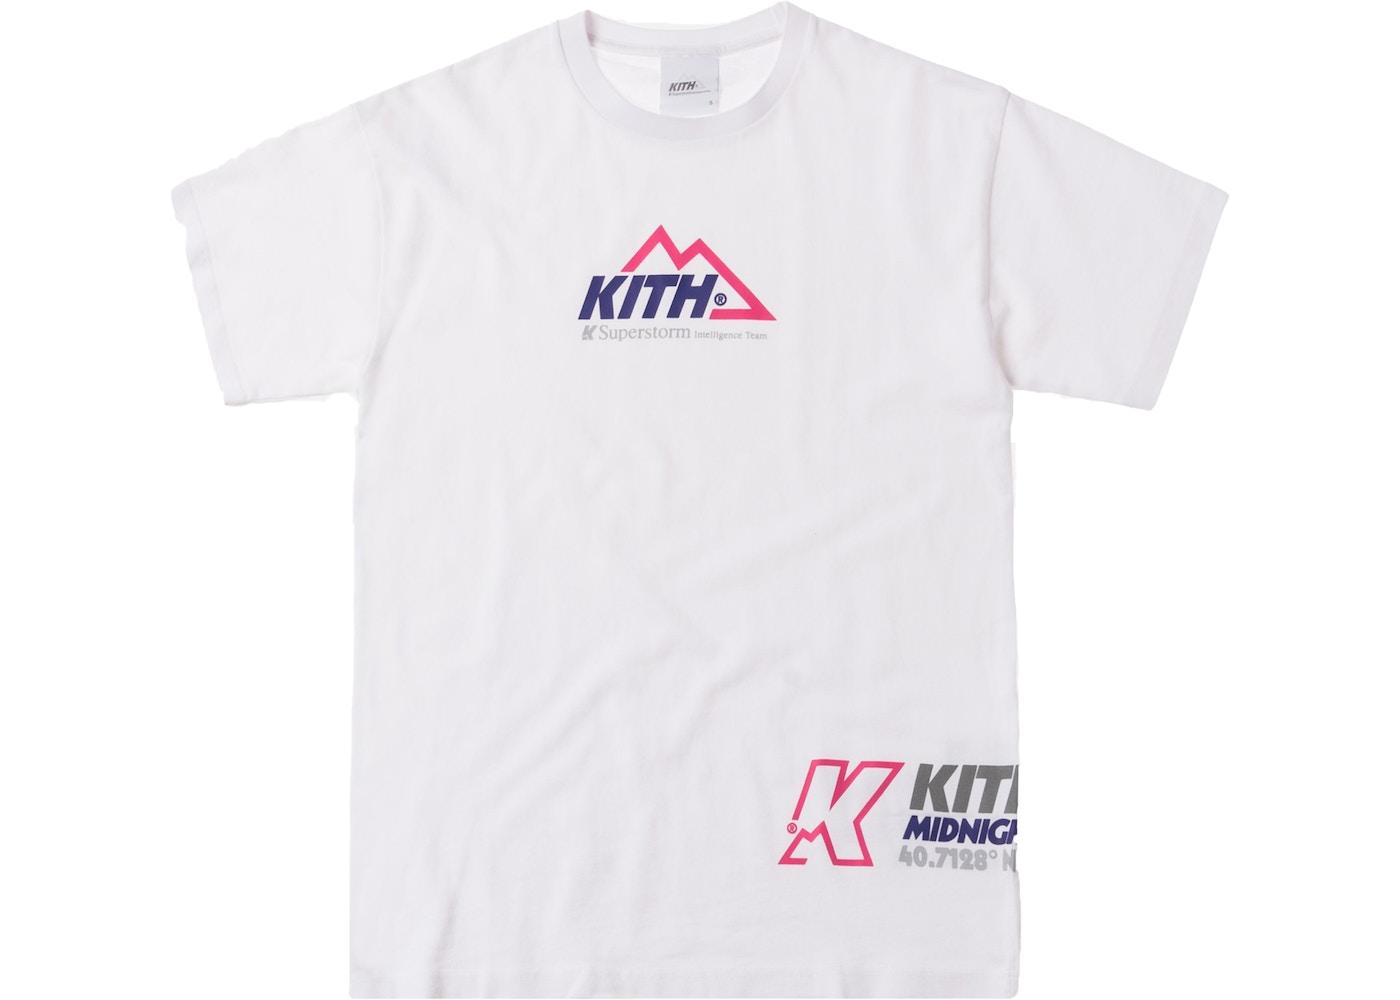 66a016632 Kith Team Tee White - FW18